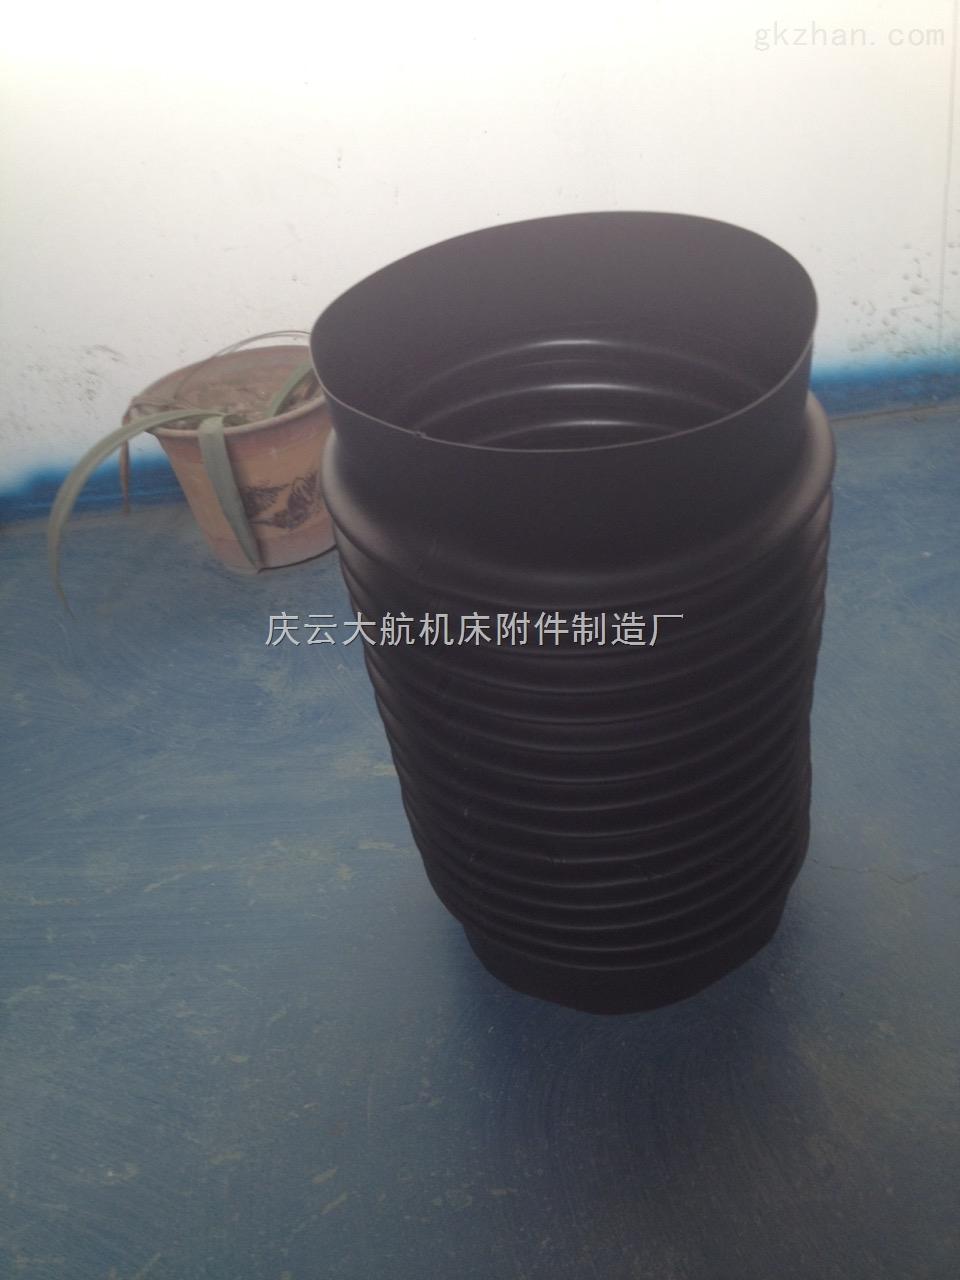 耐酸碱油缸活塞杆保护套厂家